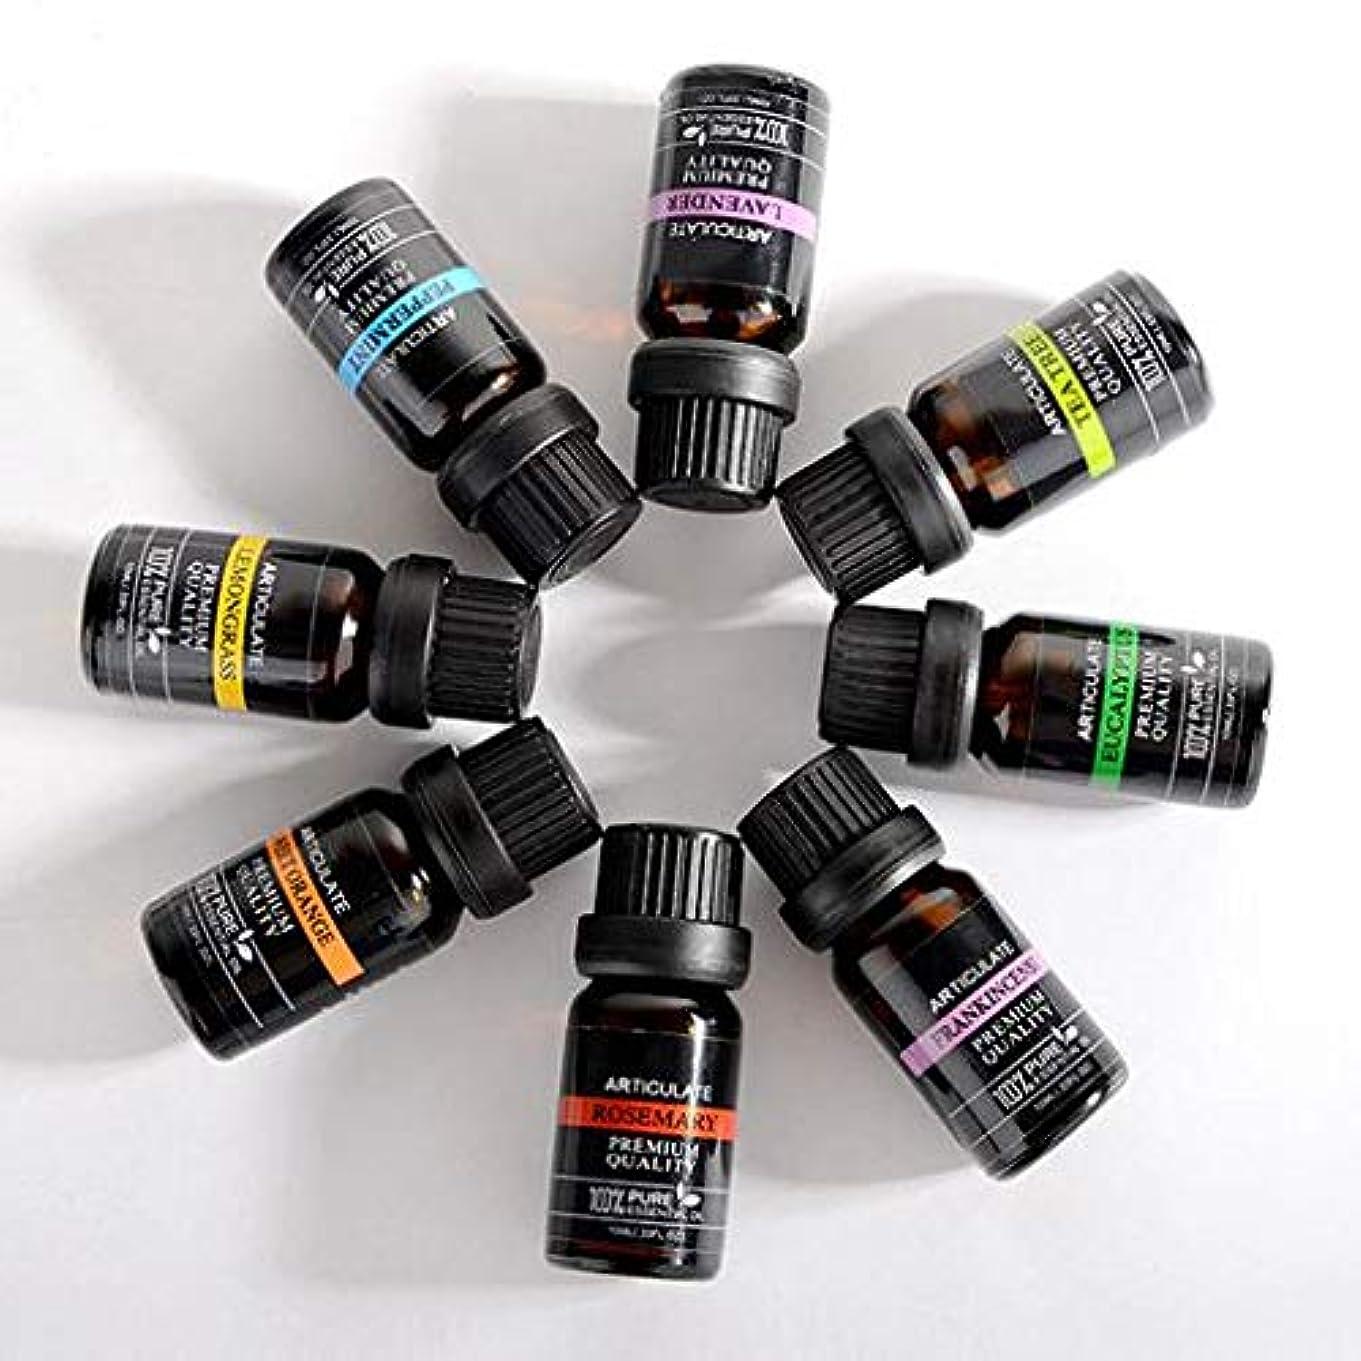 血まみれゆでる半導体Lioncorek エッセンシャルオイル オイル アロマオイル 精油 水溶性 ナチュラル フレグランス 100%純粋 有機植物 加湿器用 8種の香りセット